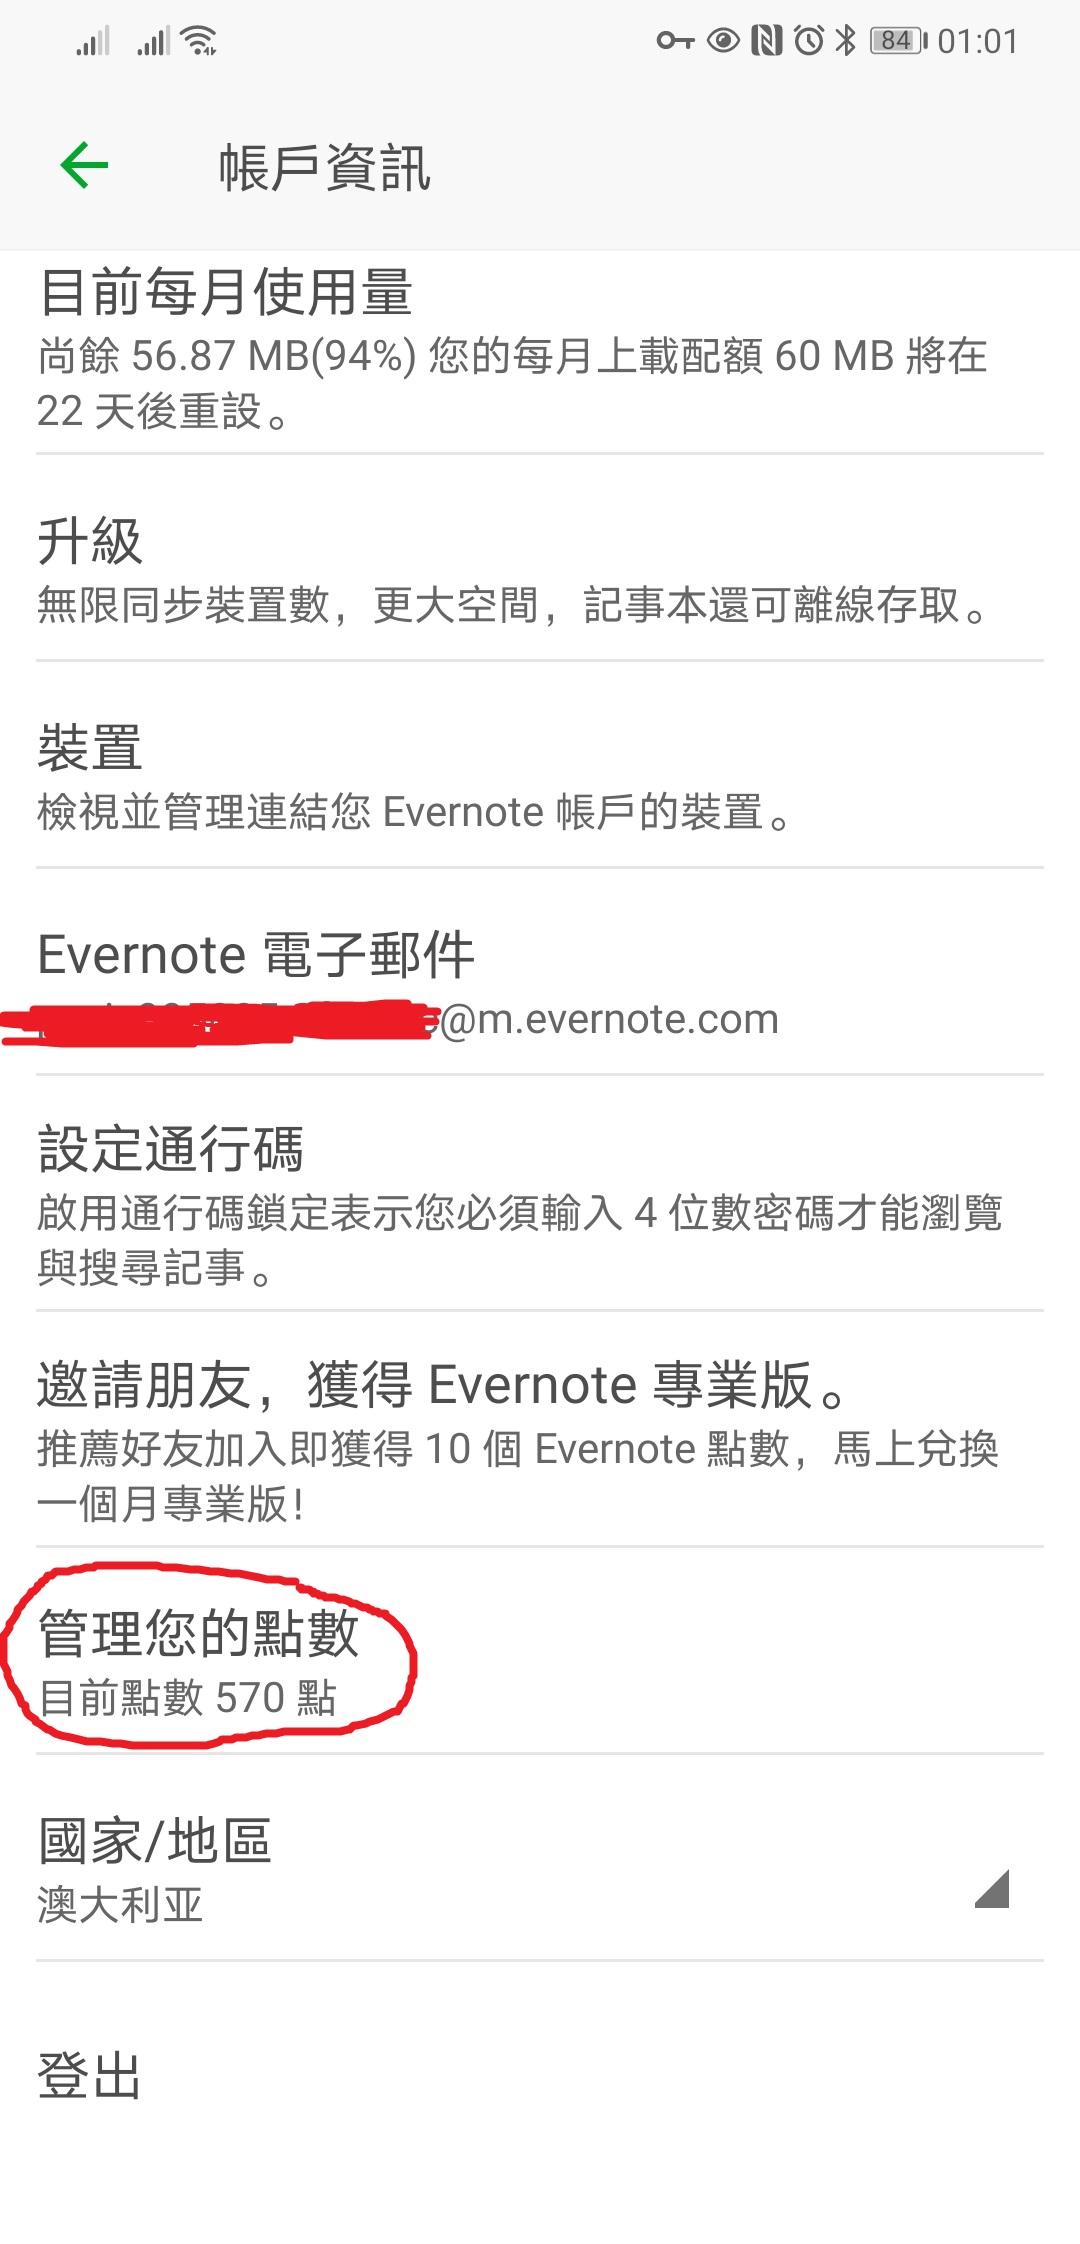 便宜国外vps论坛_出一个Evernote国际版账号,含570印象分, 可兑换近5年高级会员-主机参考